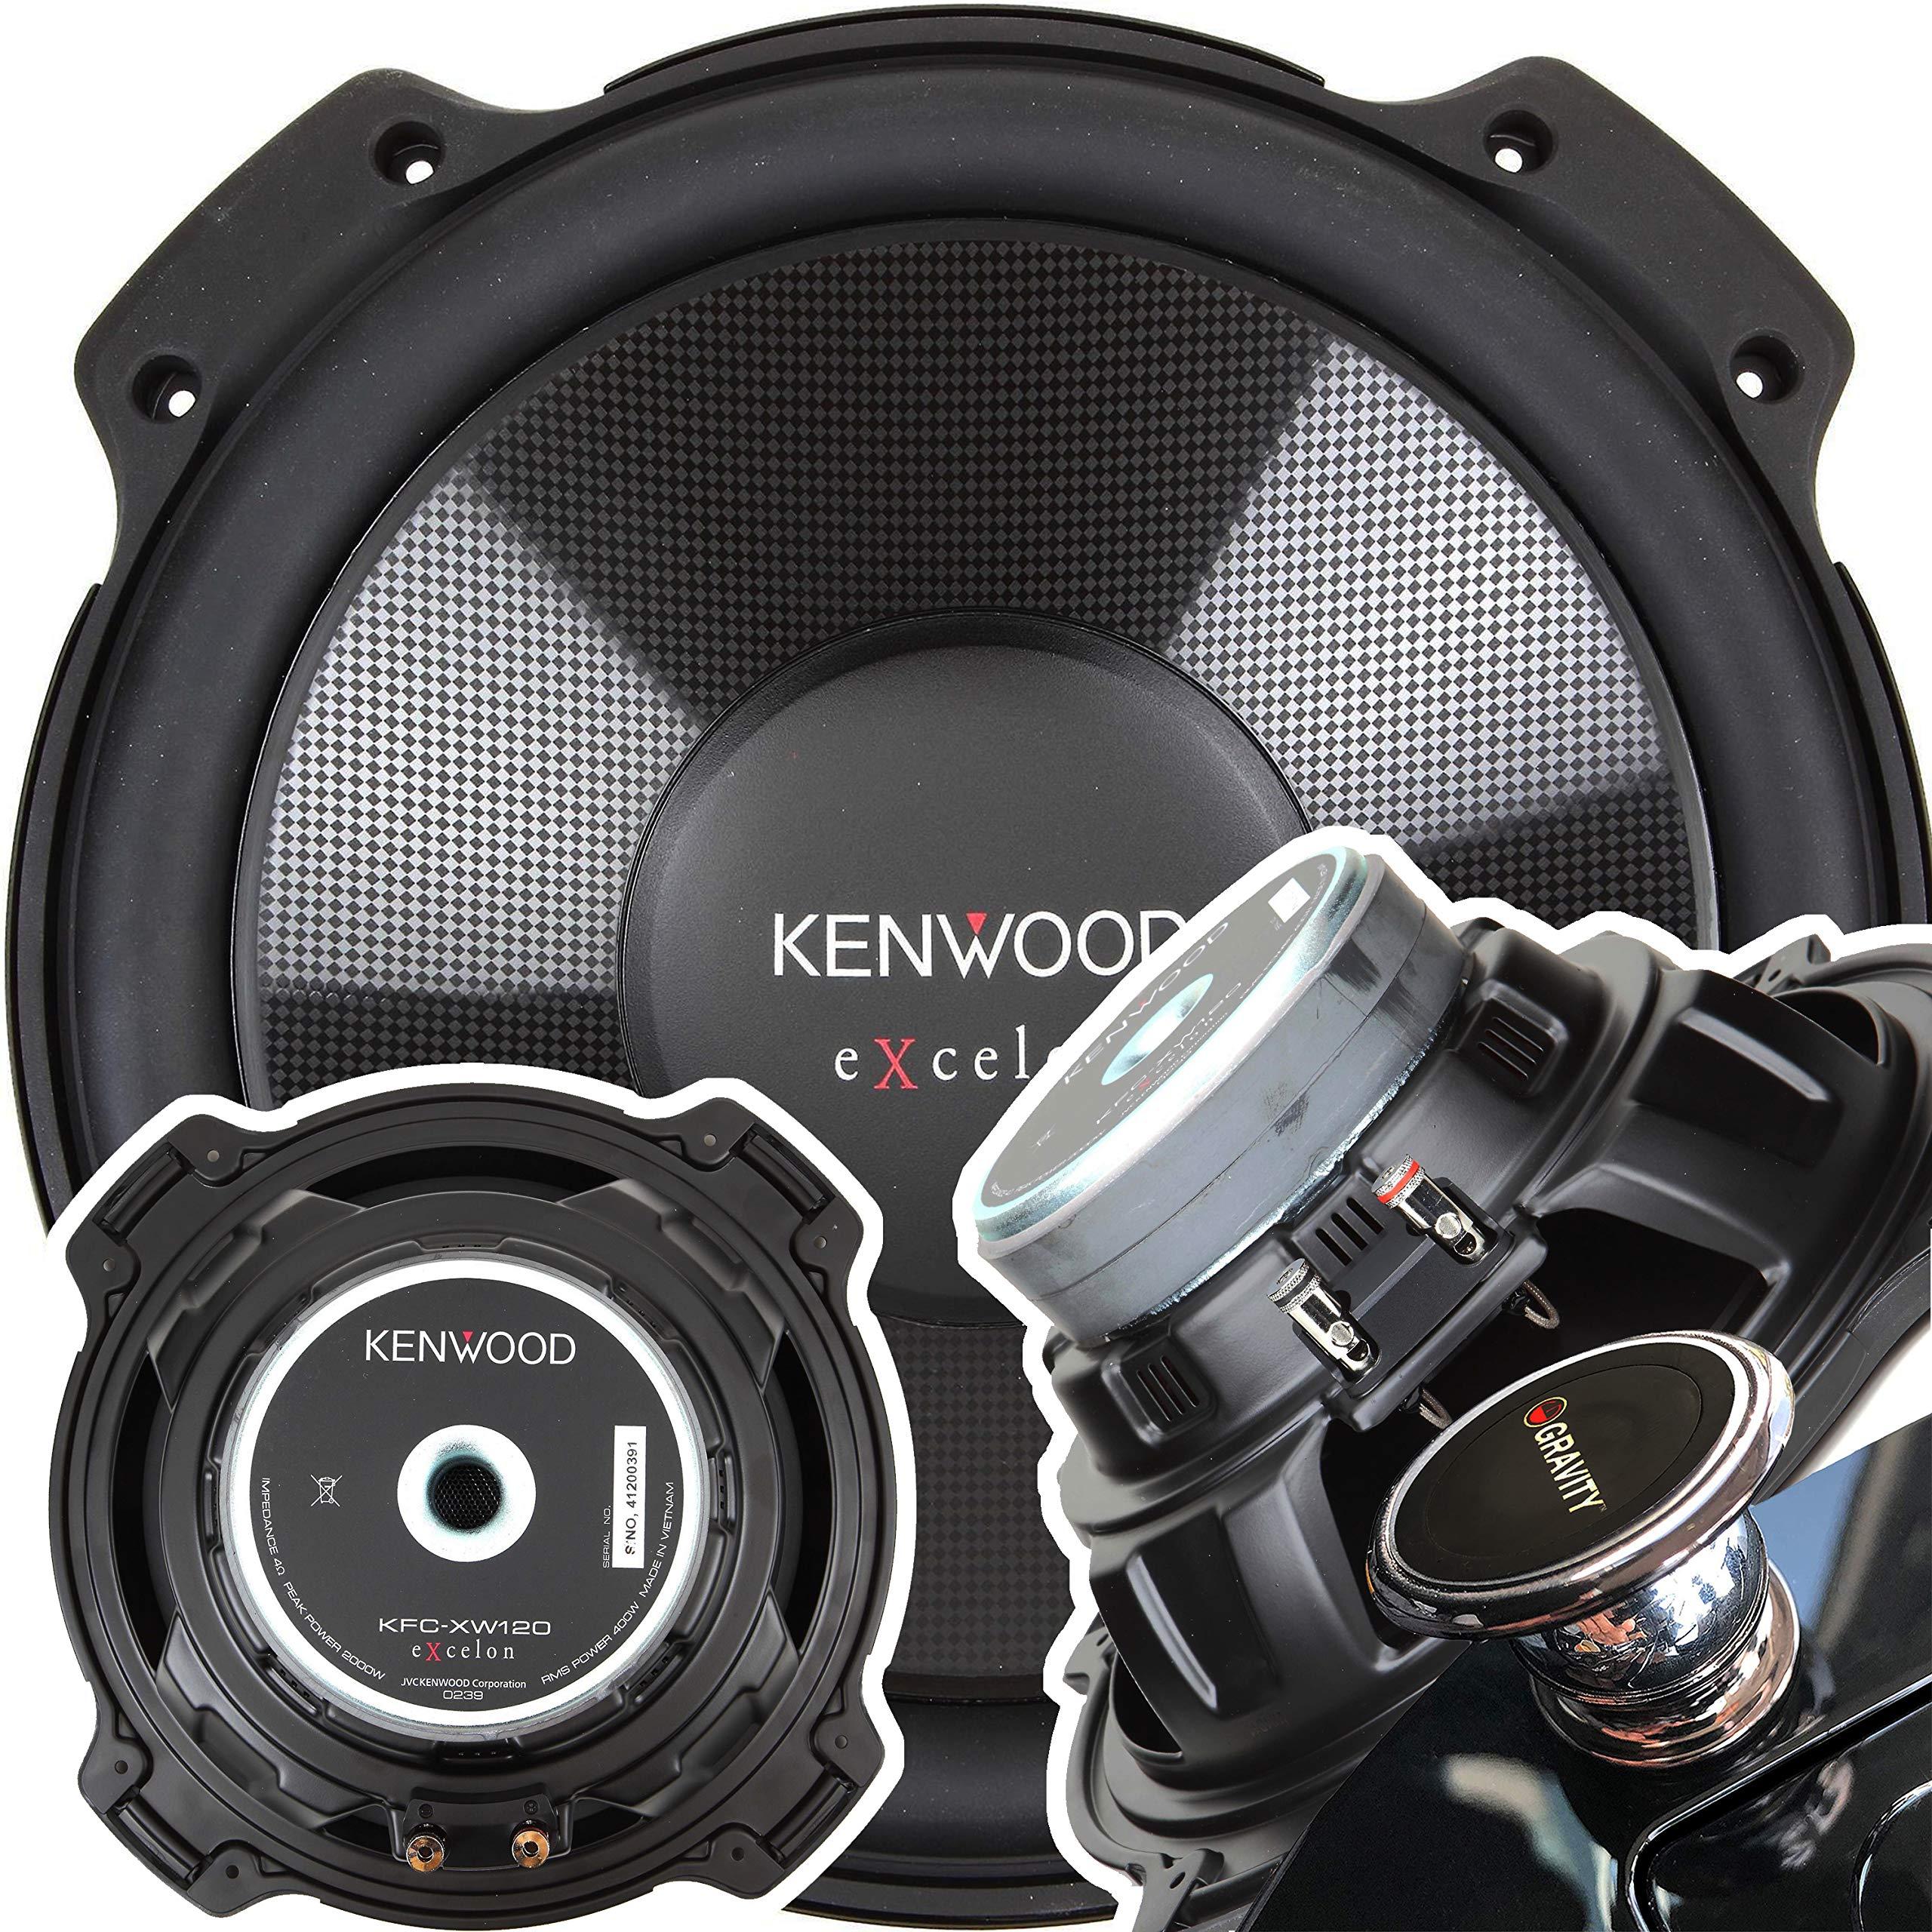 Kenwood Excelon KFC XW120 2000W Subwoofer